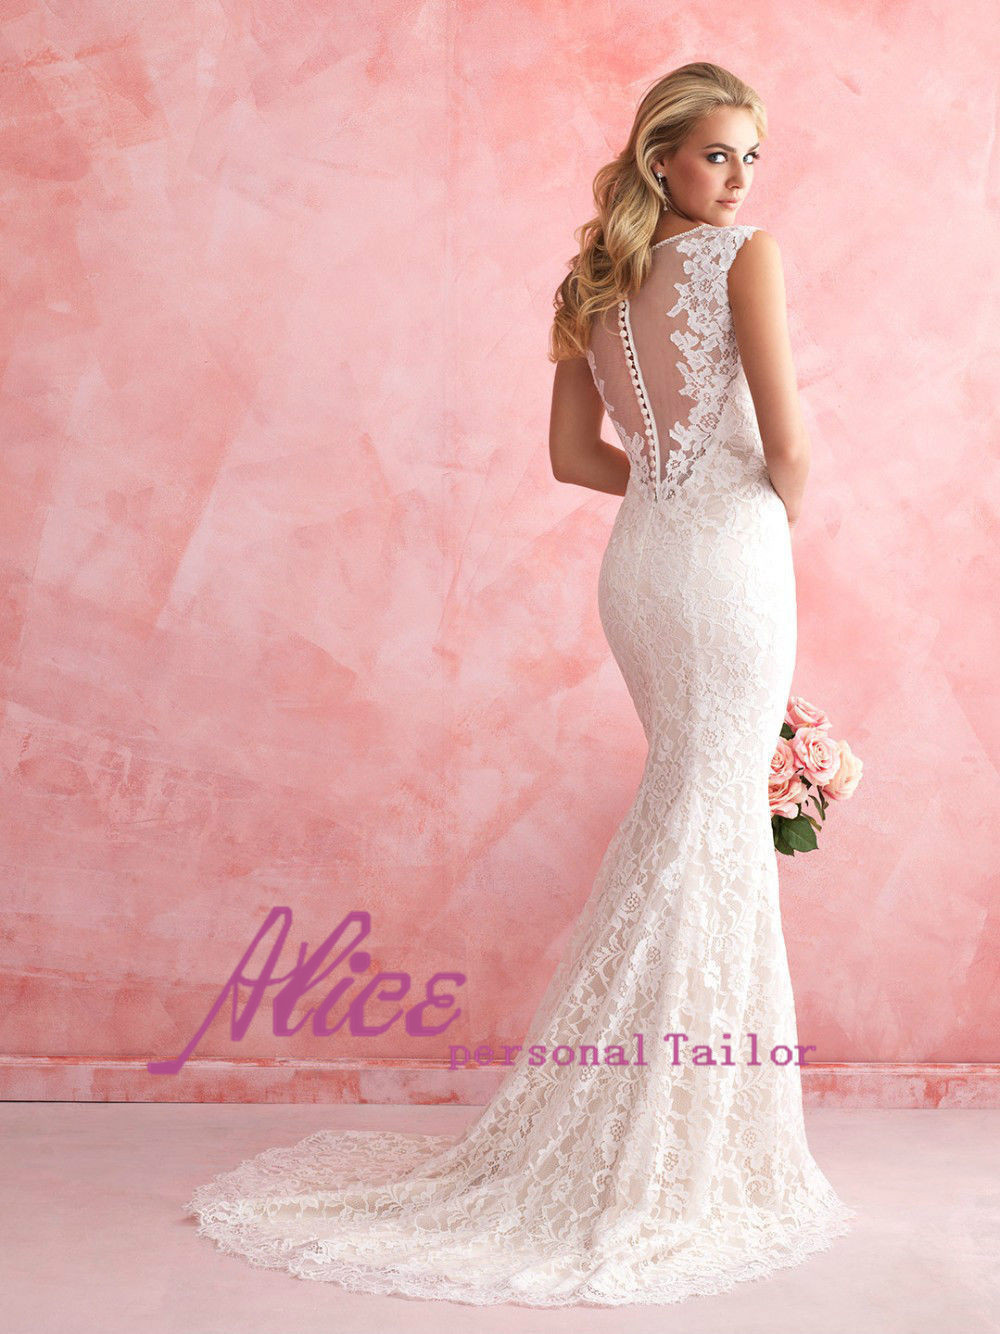 Кружева русалка свадебные платья 2015 сексуальная видеть сквозь русалочка элегантный белое свадебное платье 2015 горячая распродажа Sweetangel